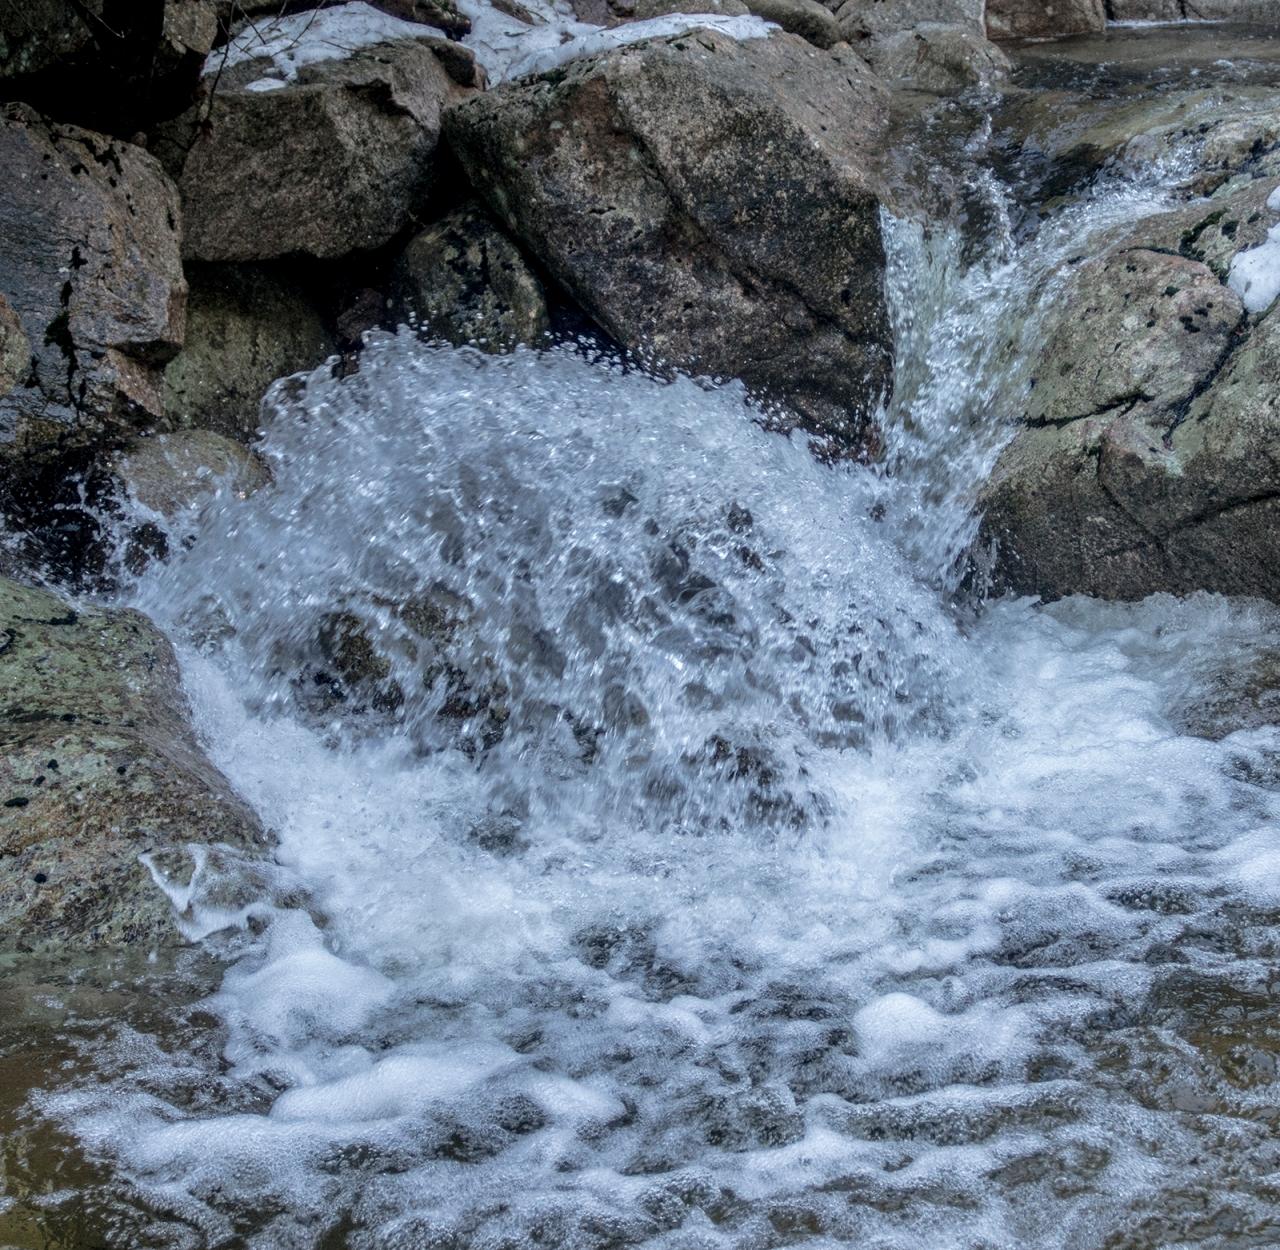 Water spashing